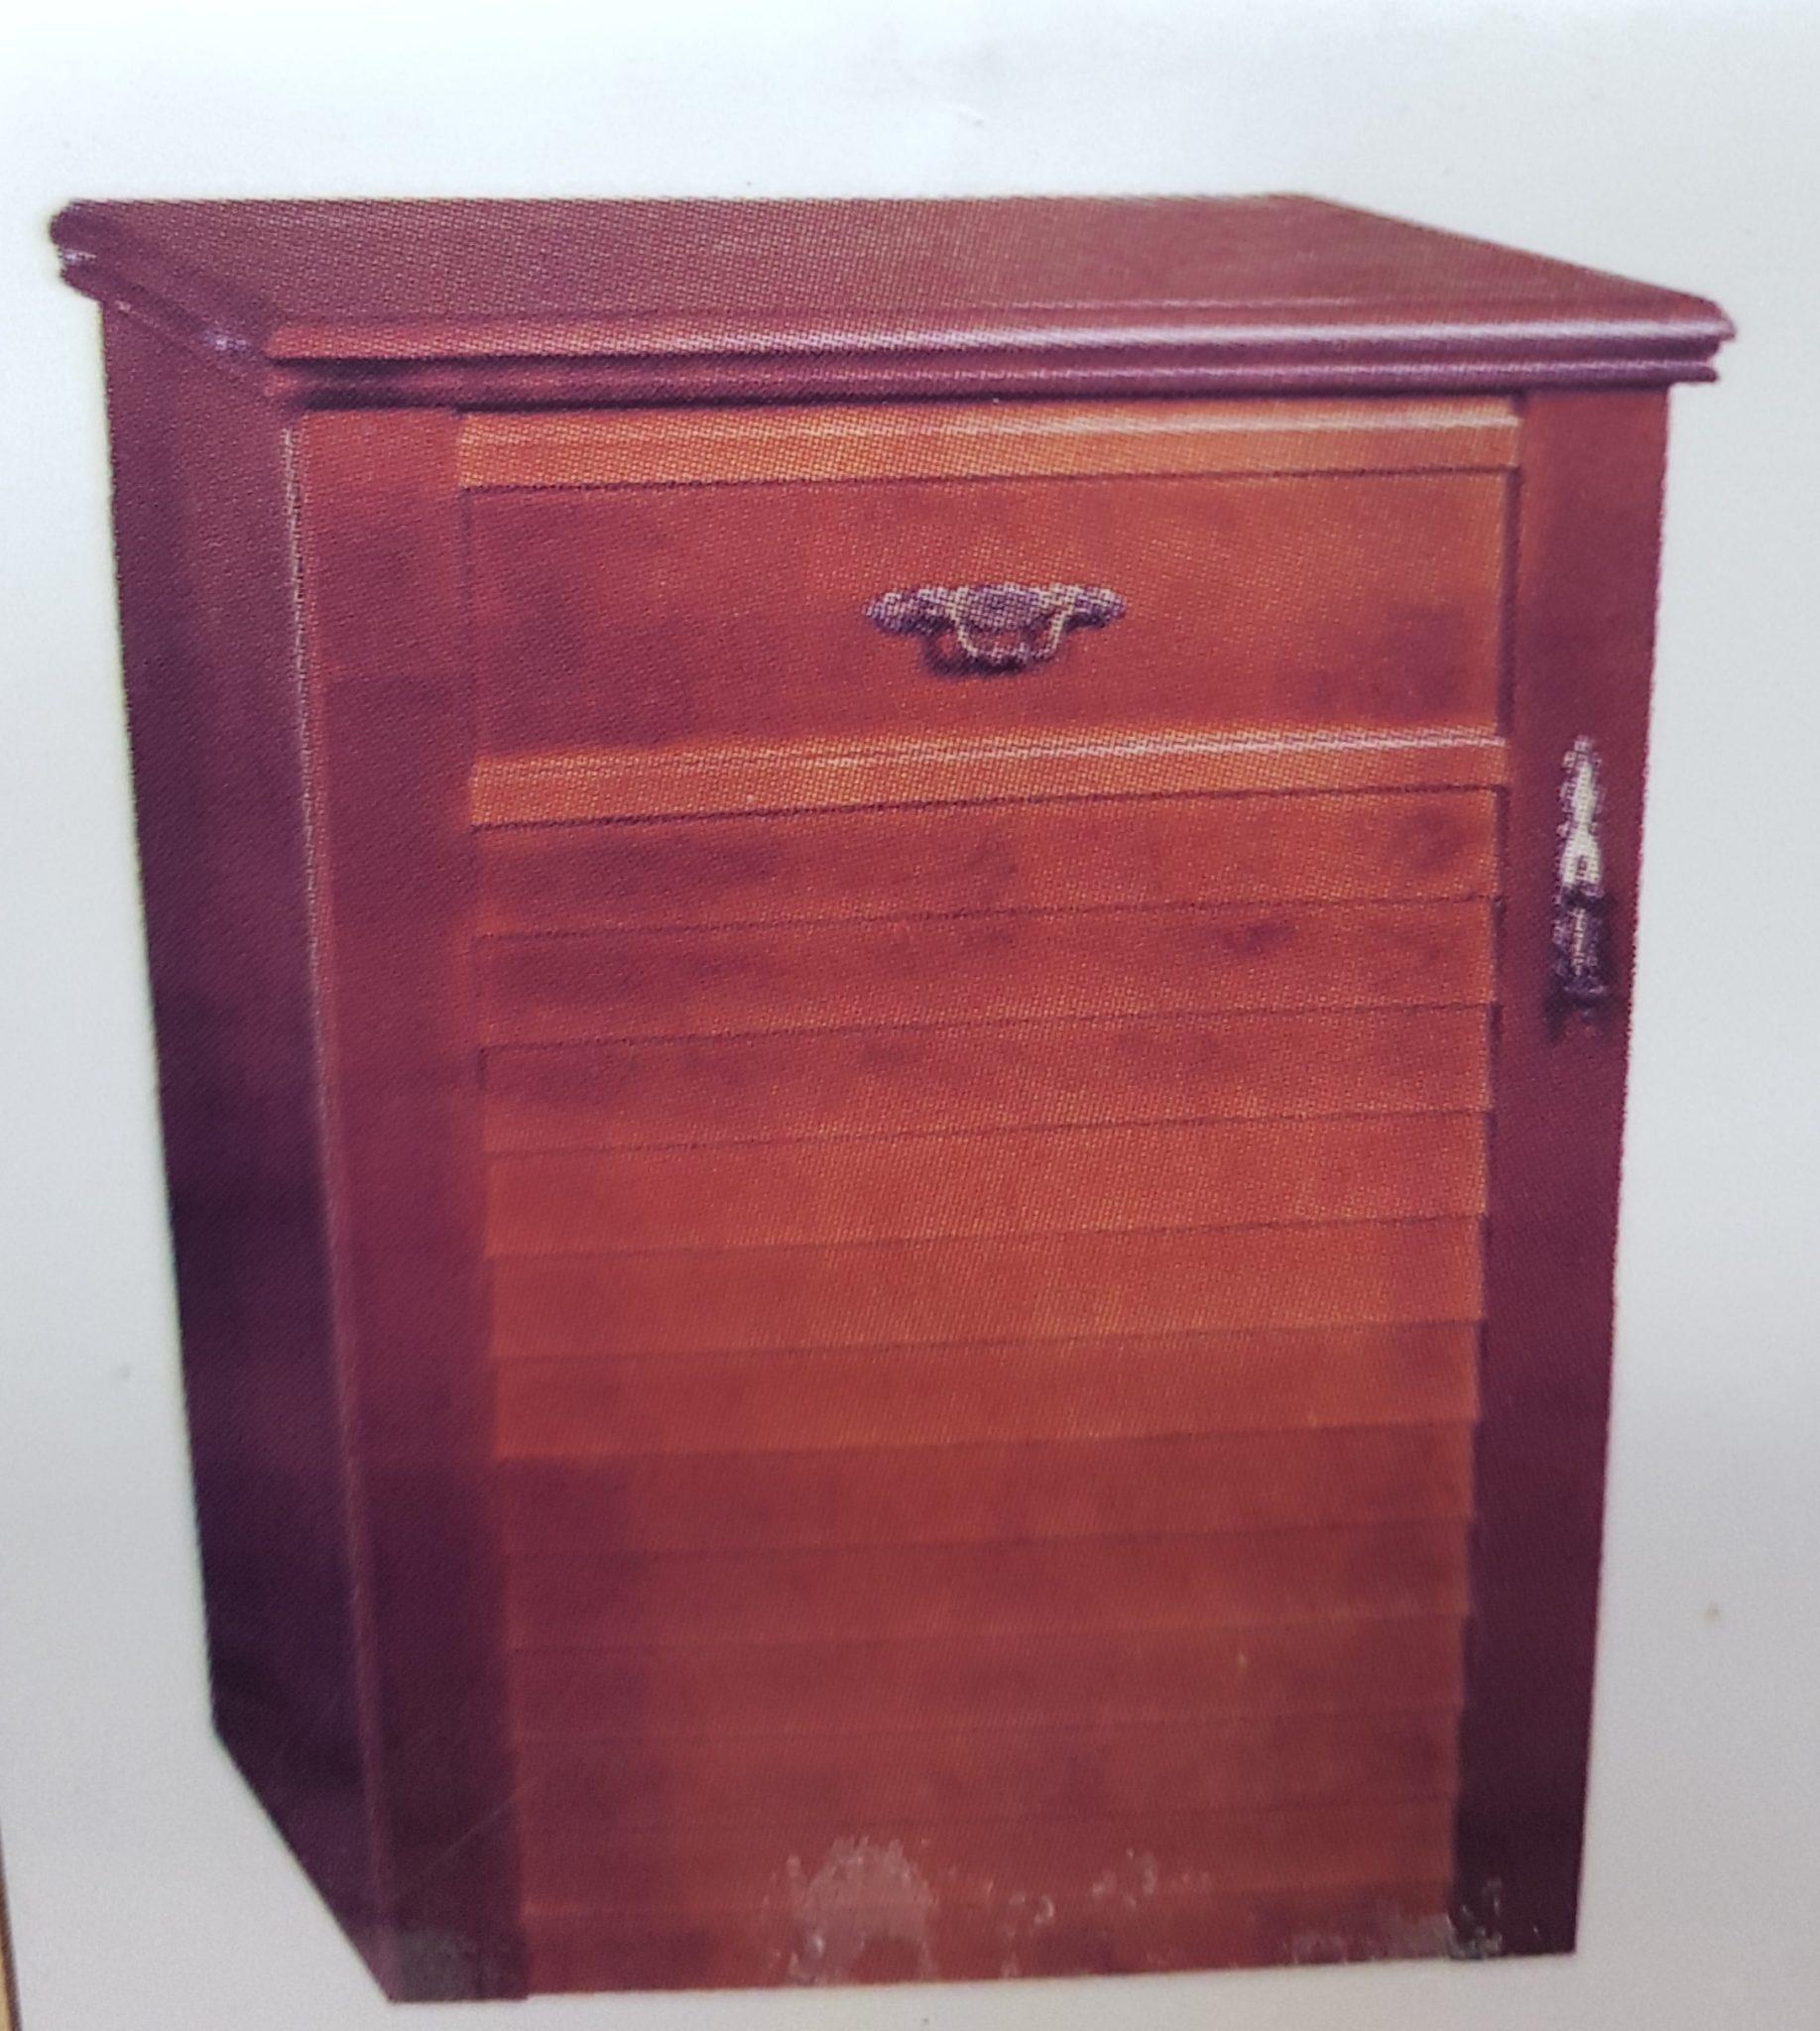 Muebles Para M Quinas De Coser Archivos Acoser # Muebles Maquina De Coser Singer